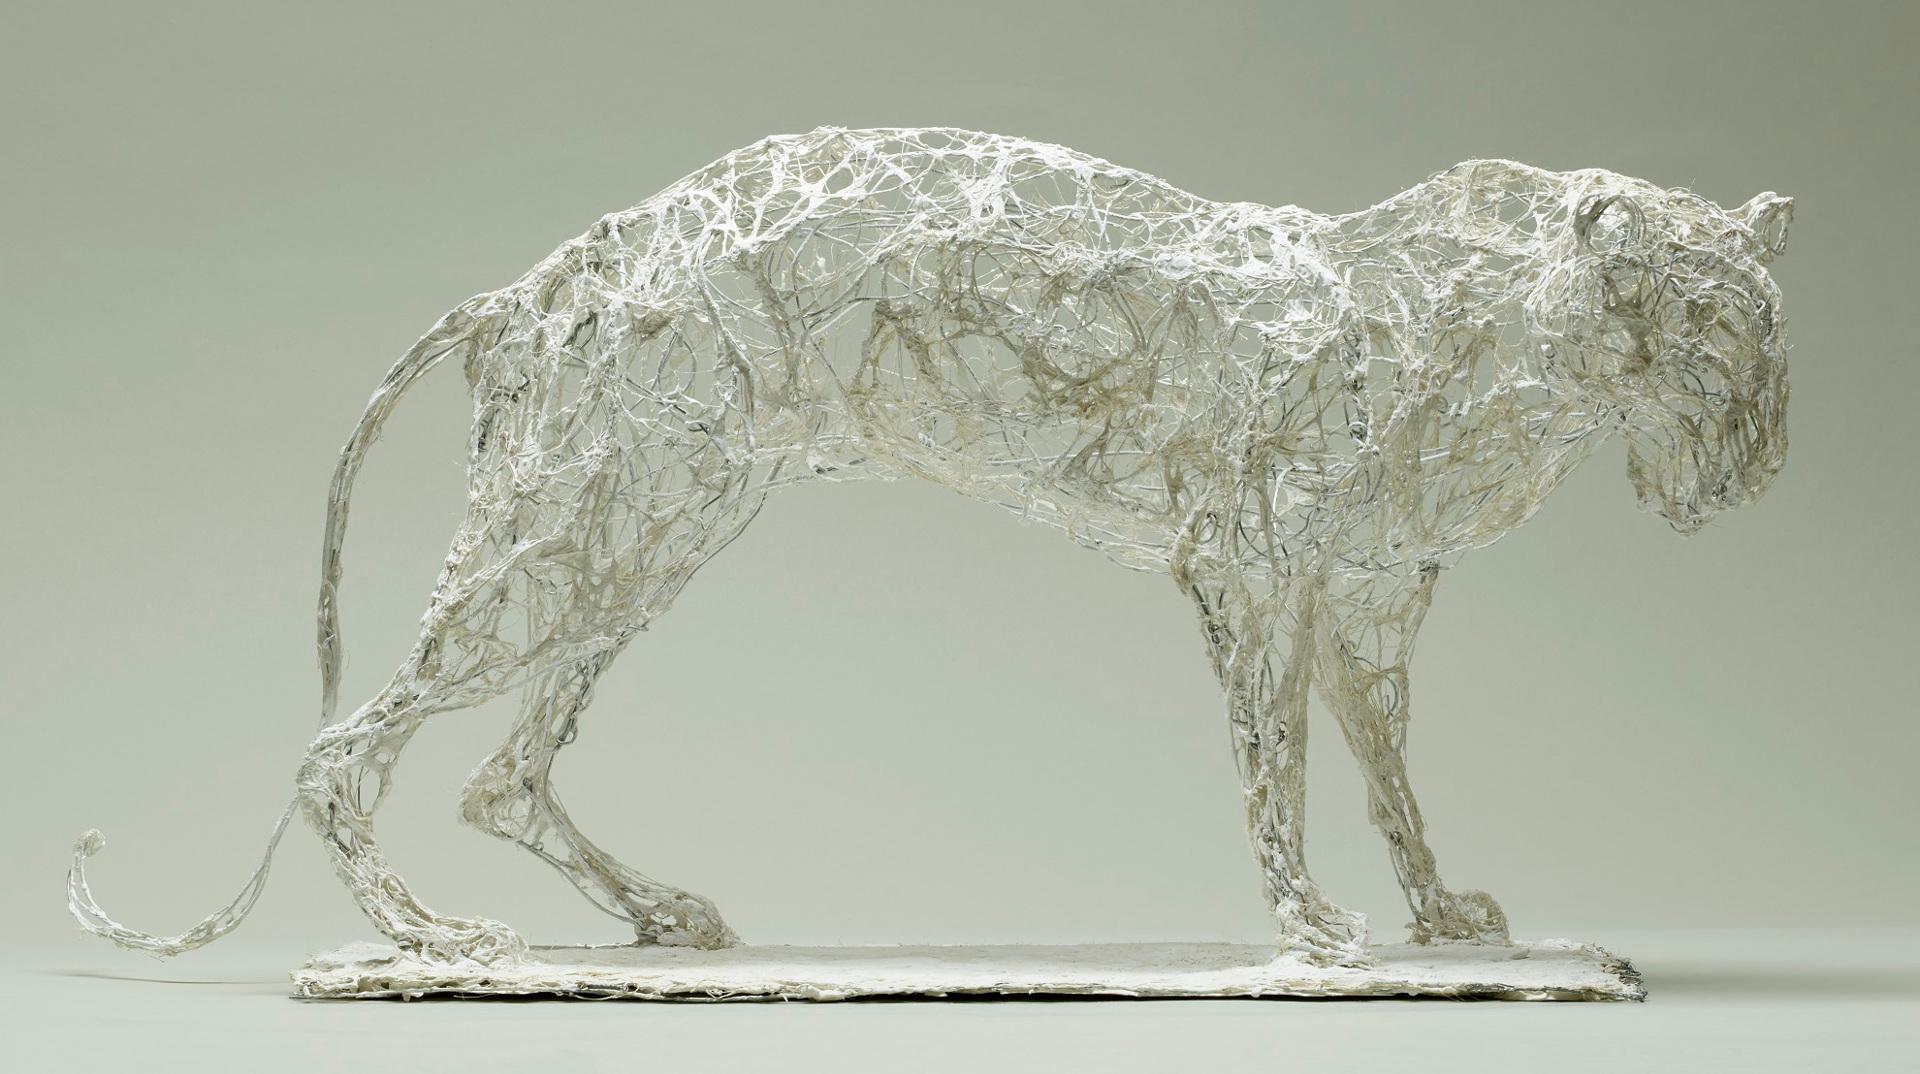 Jaguar, 43x16x27cm, fil de fer, plâtre, filasse, 2016. Nathalie Garidou